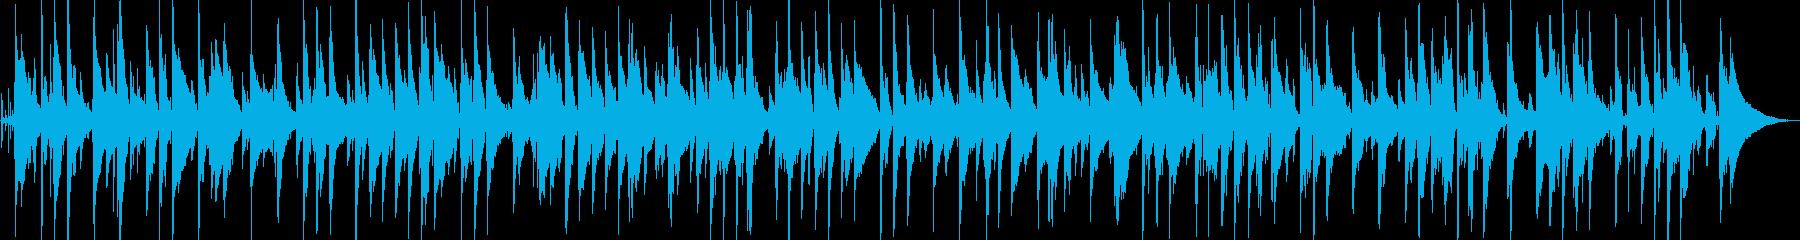 お洒落なジャズバラードの再生済みの波形